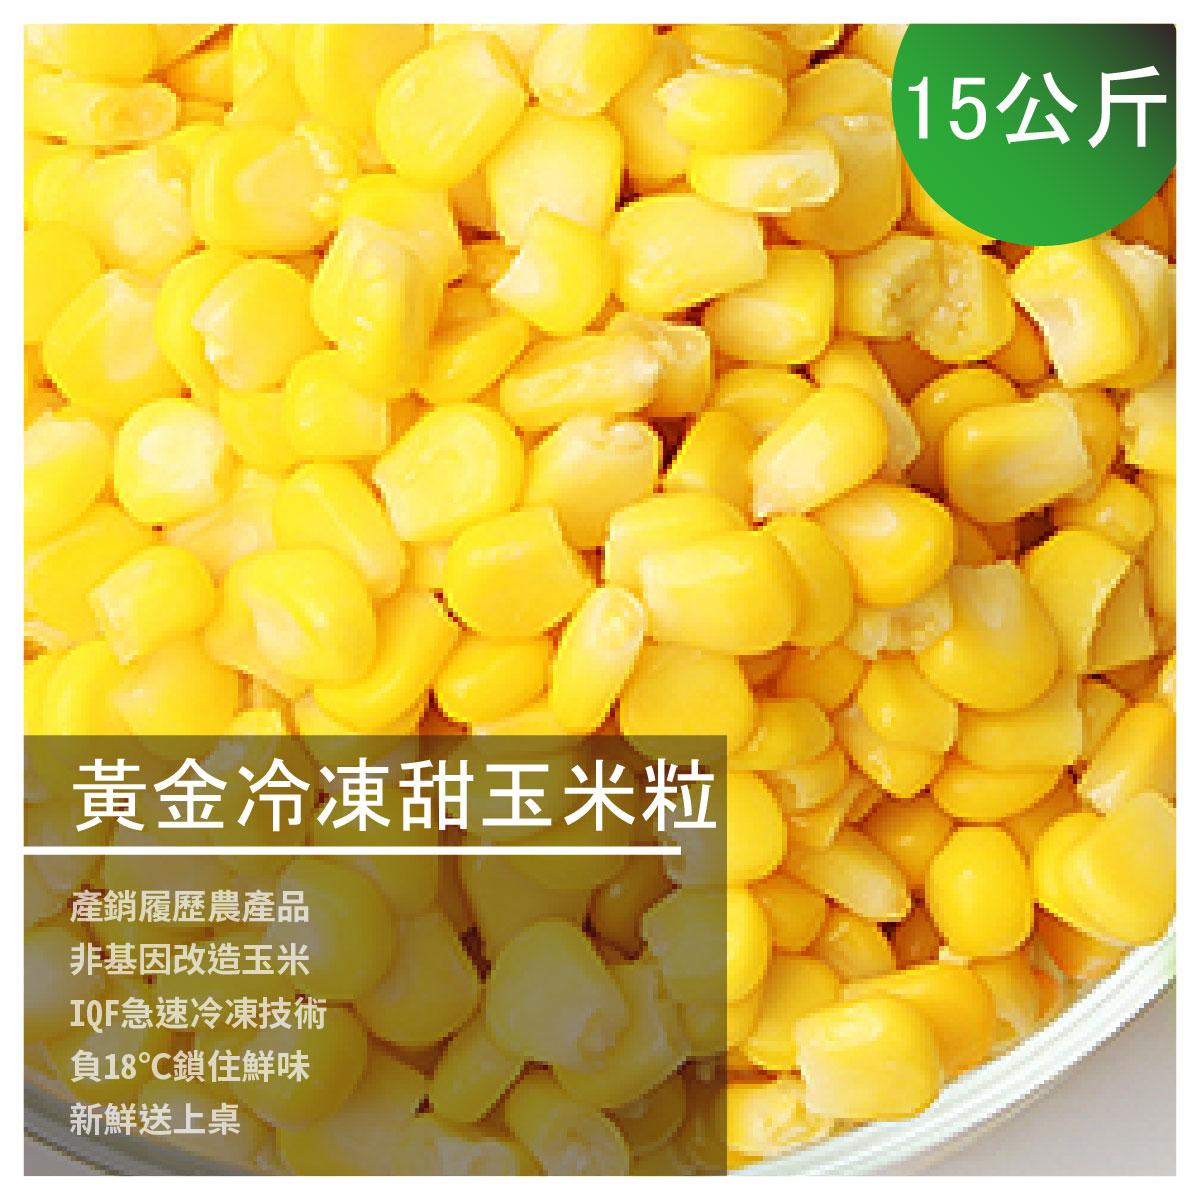 【御米粒】黃金冷凍甜玉米粒/散裝 15公斤裝